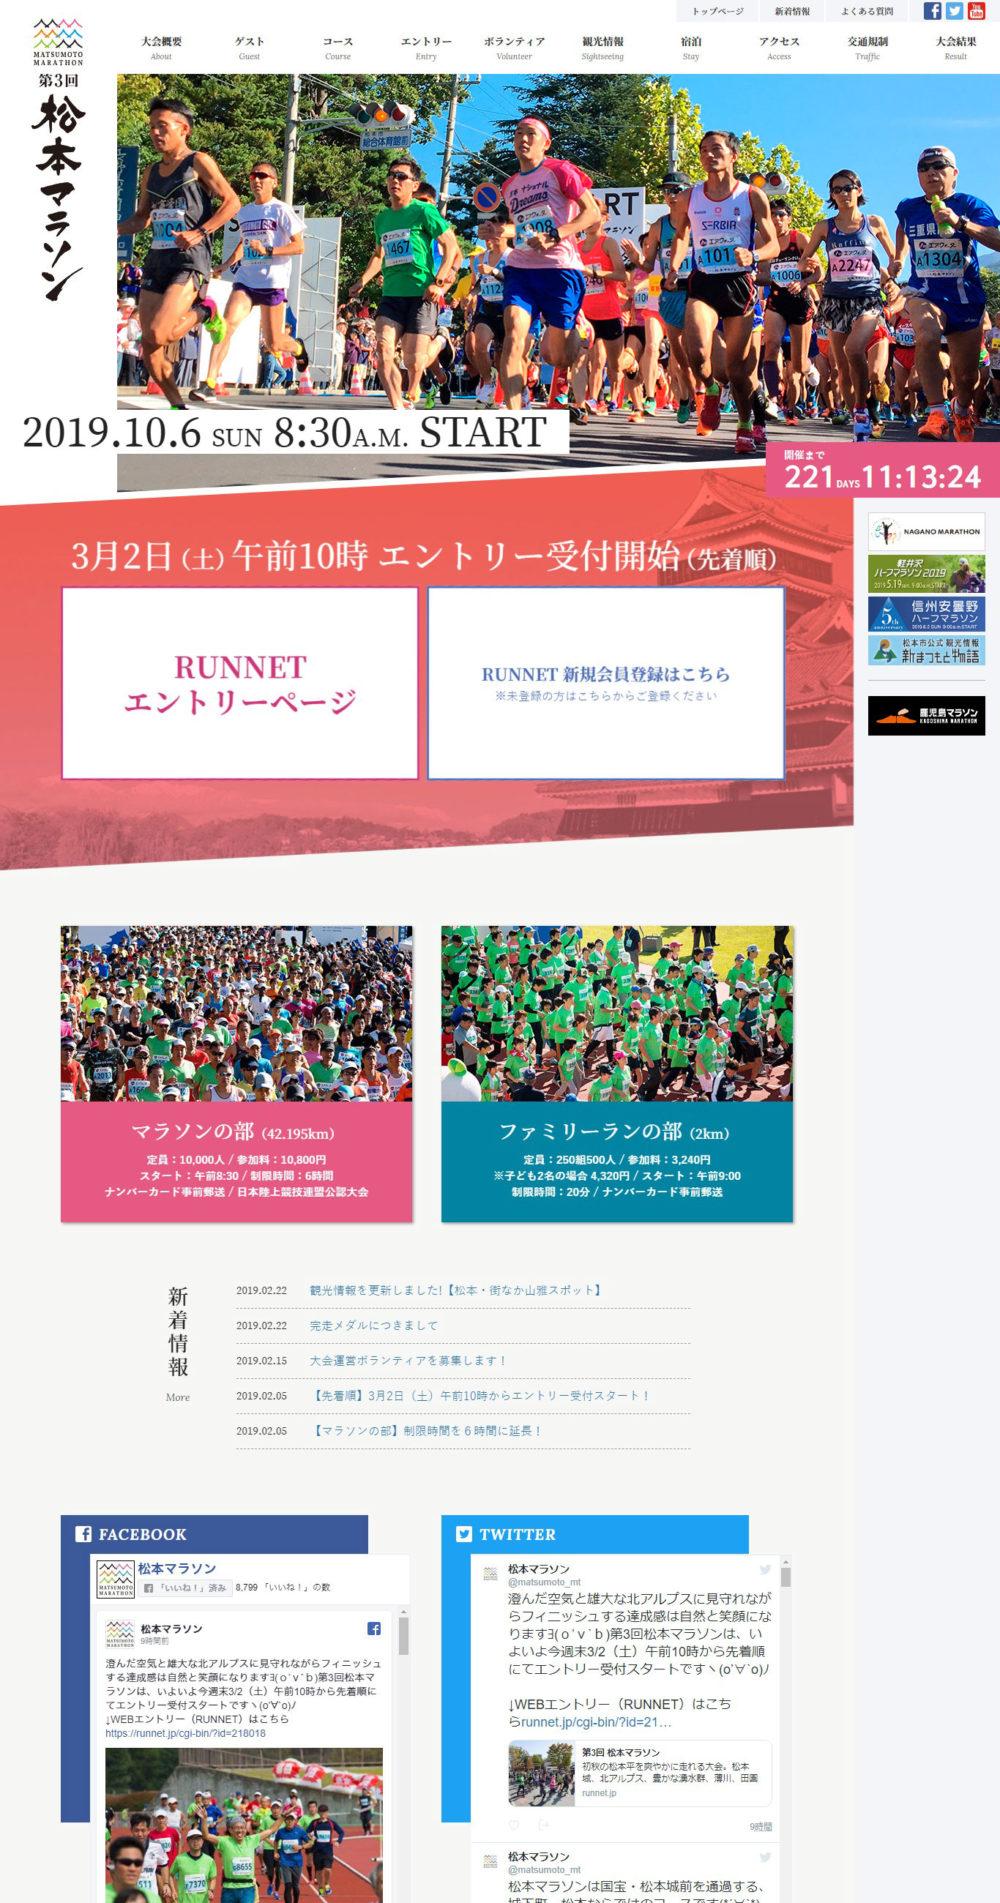 第3回 松本マラソン